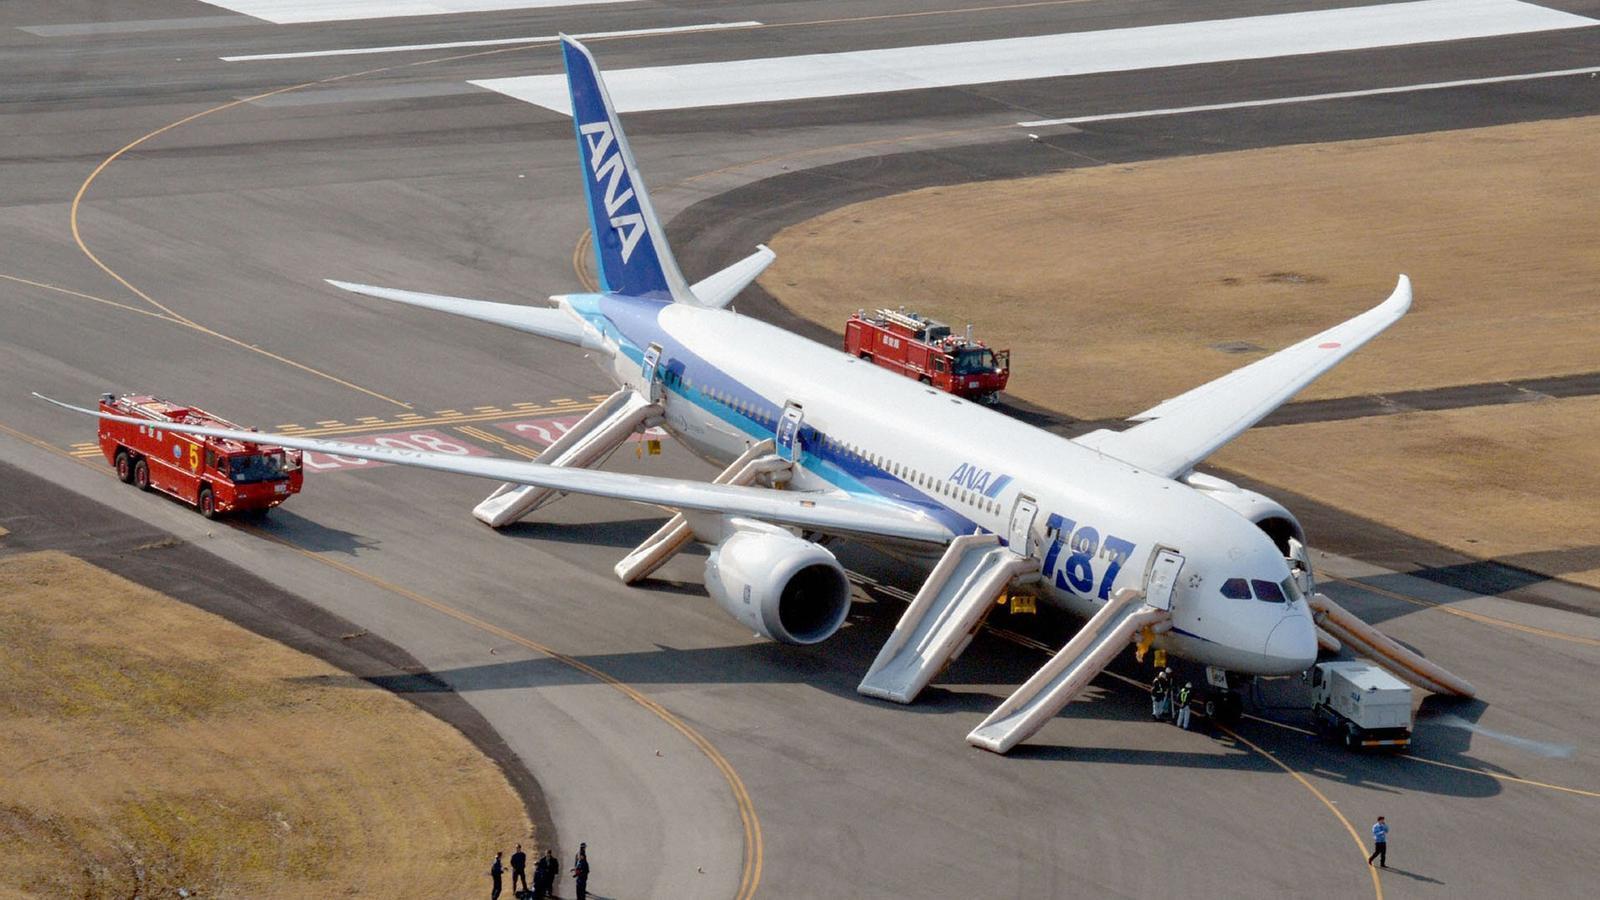 Europa prohibeix els vols del Boeing 787 Dreamliner